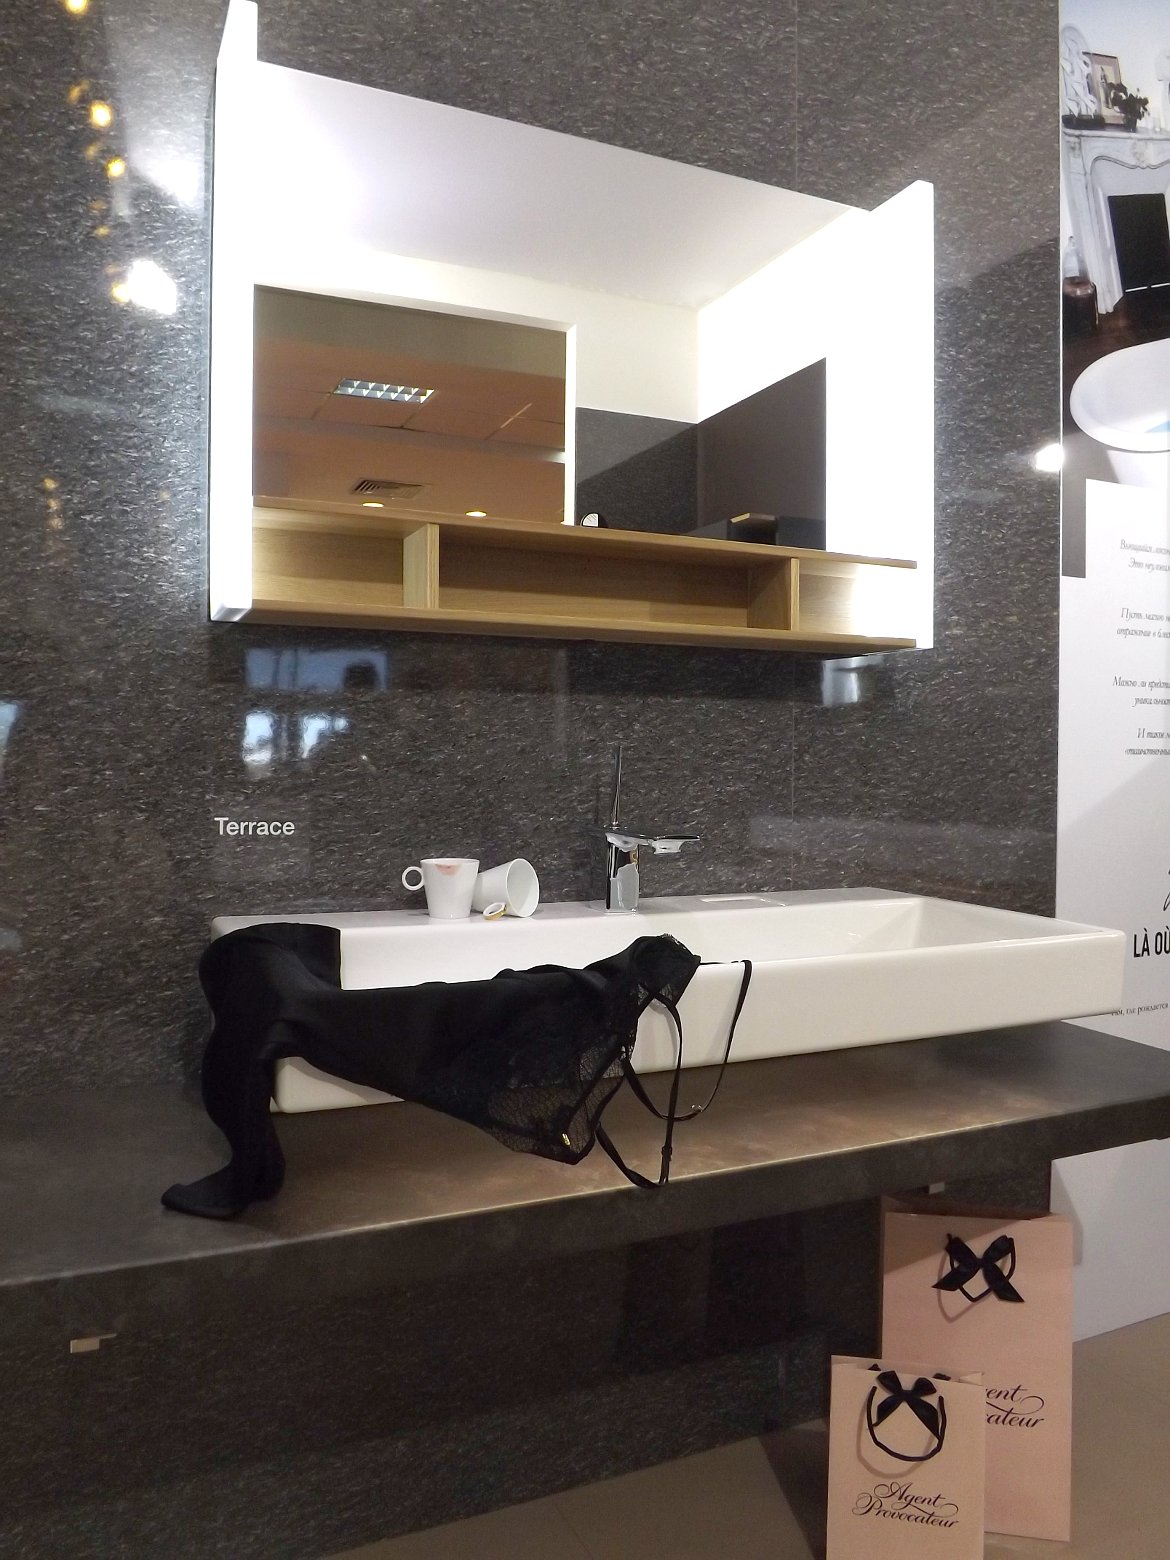 Модные тренды сантехники и аксессуаров для ванной 2016: умывальник с зеркалом и полочками на экспозиции от Jacob Delafon во время выставки MosBuild